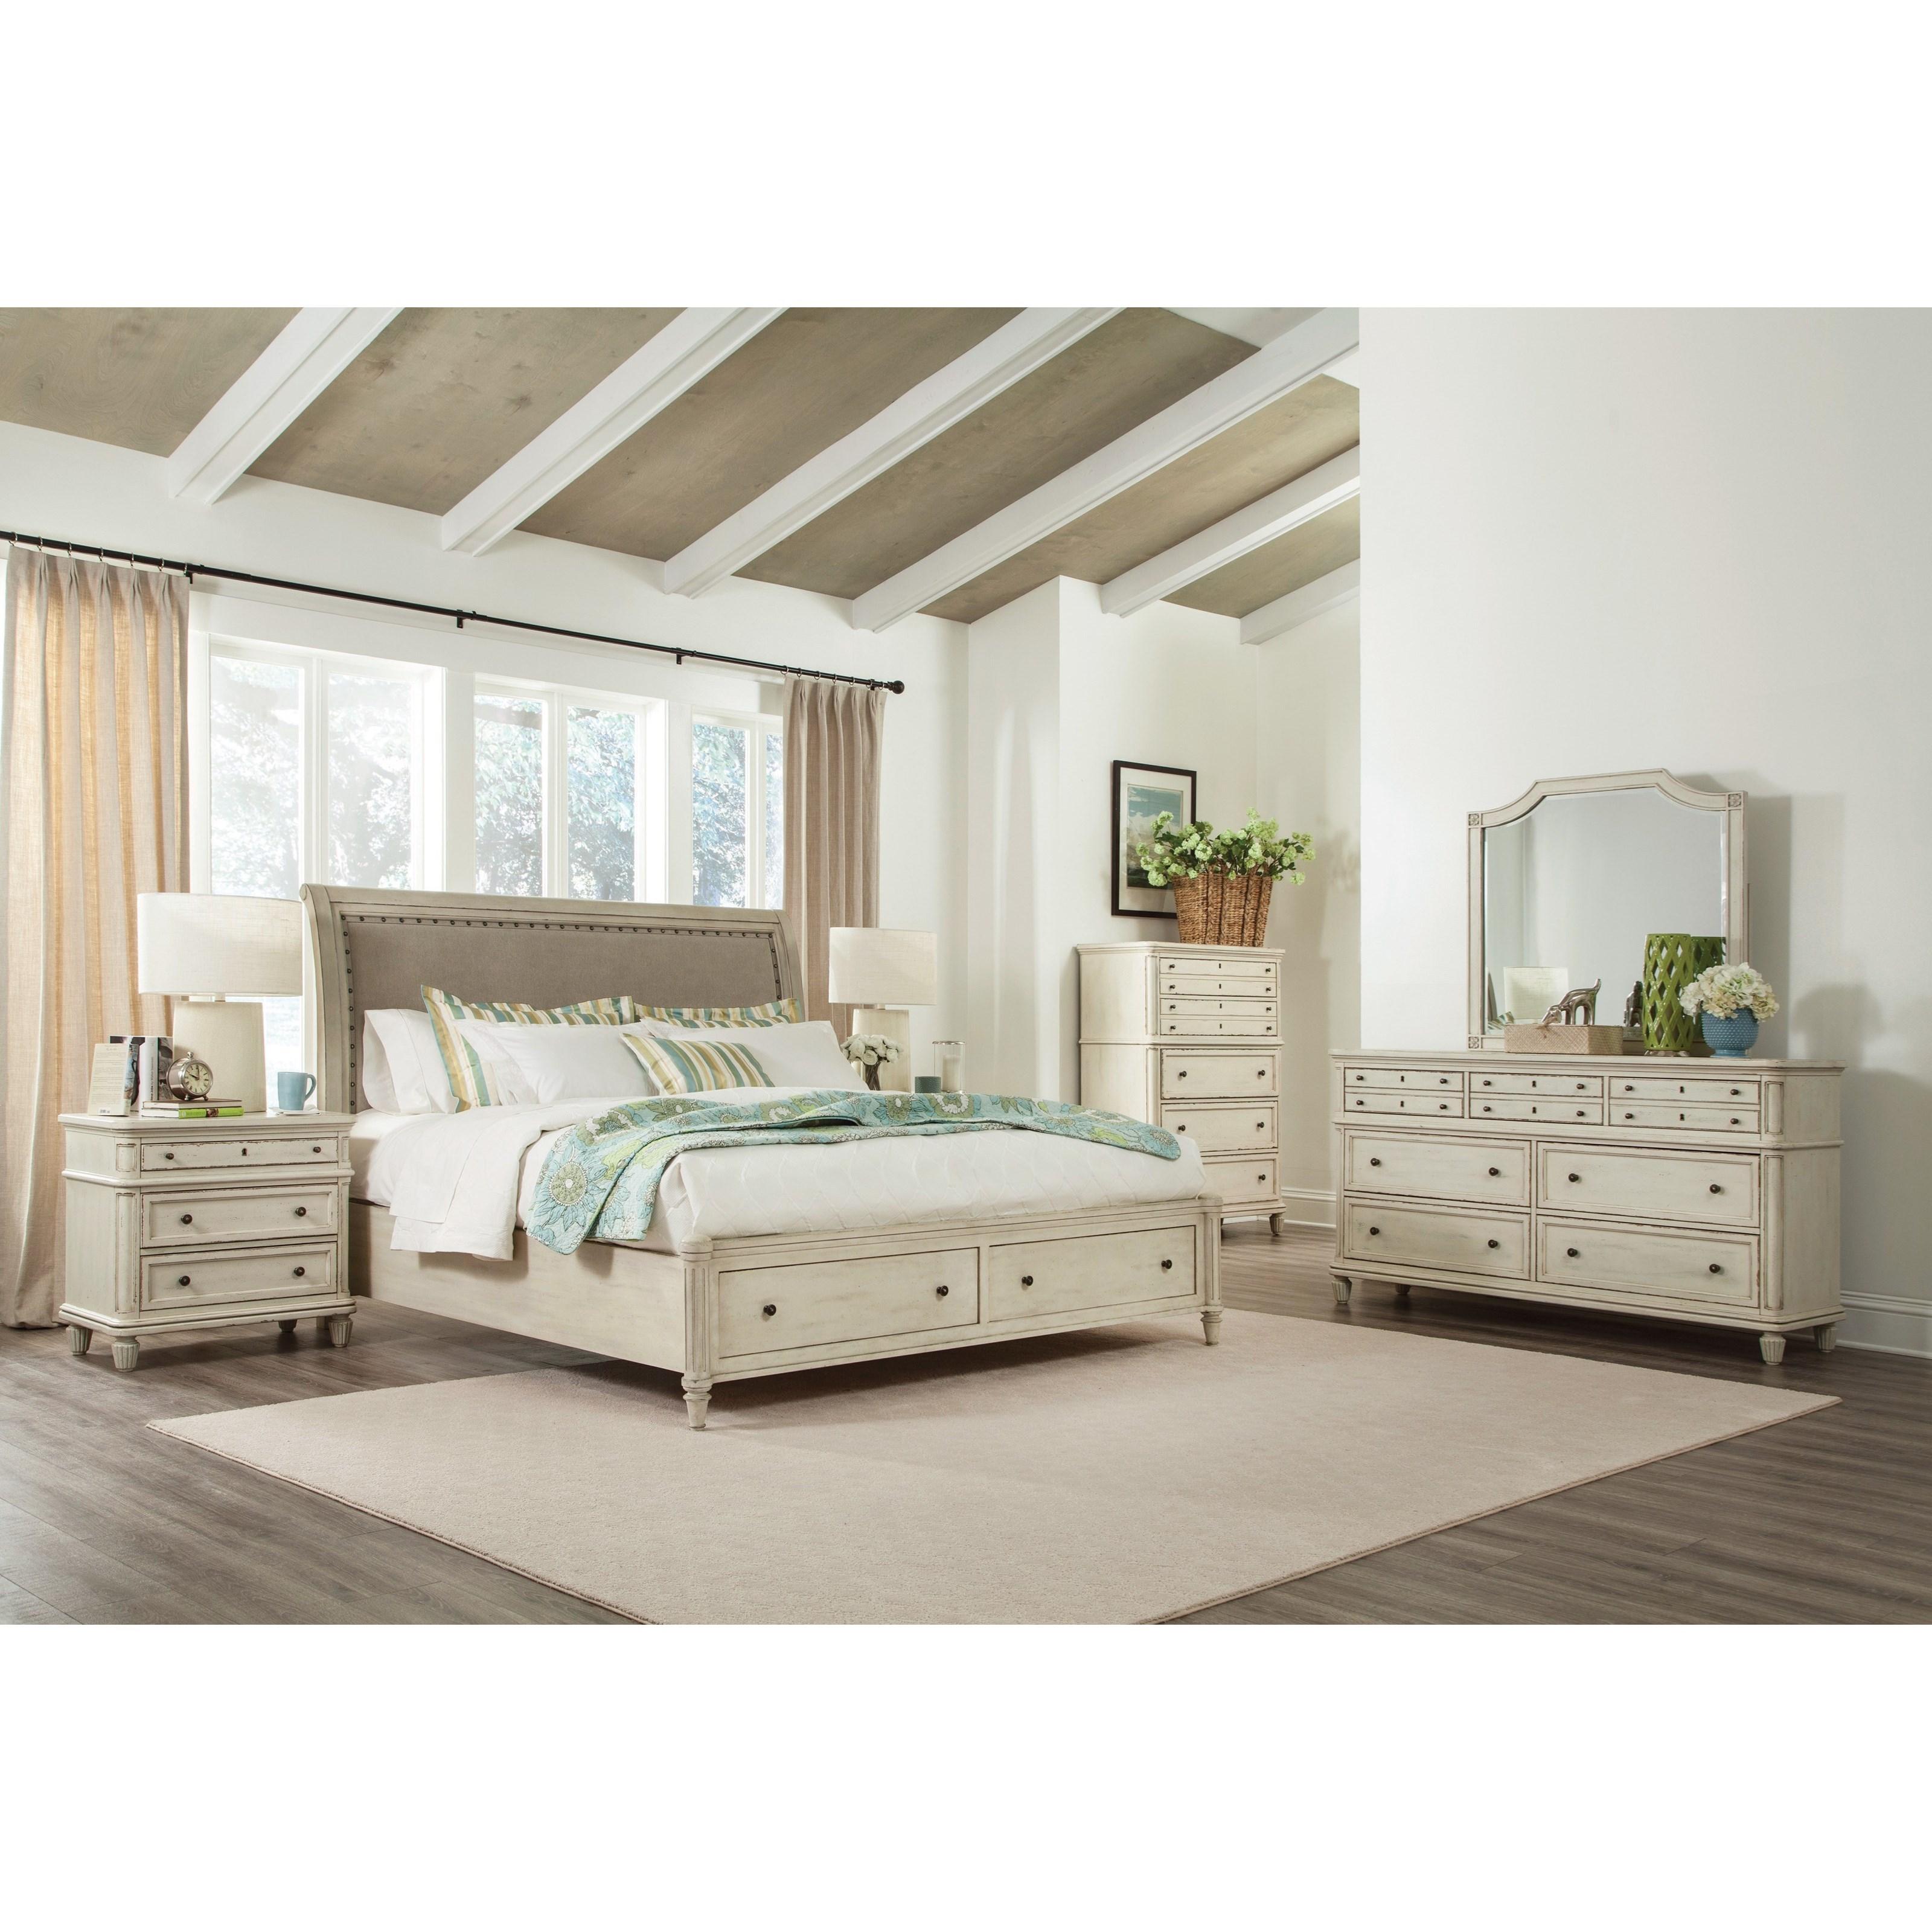 Riverside Furniture Huntleigh Queen Bedroom Group Value City